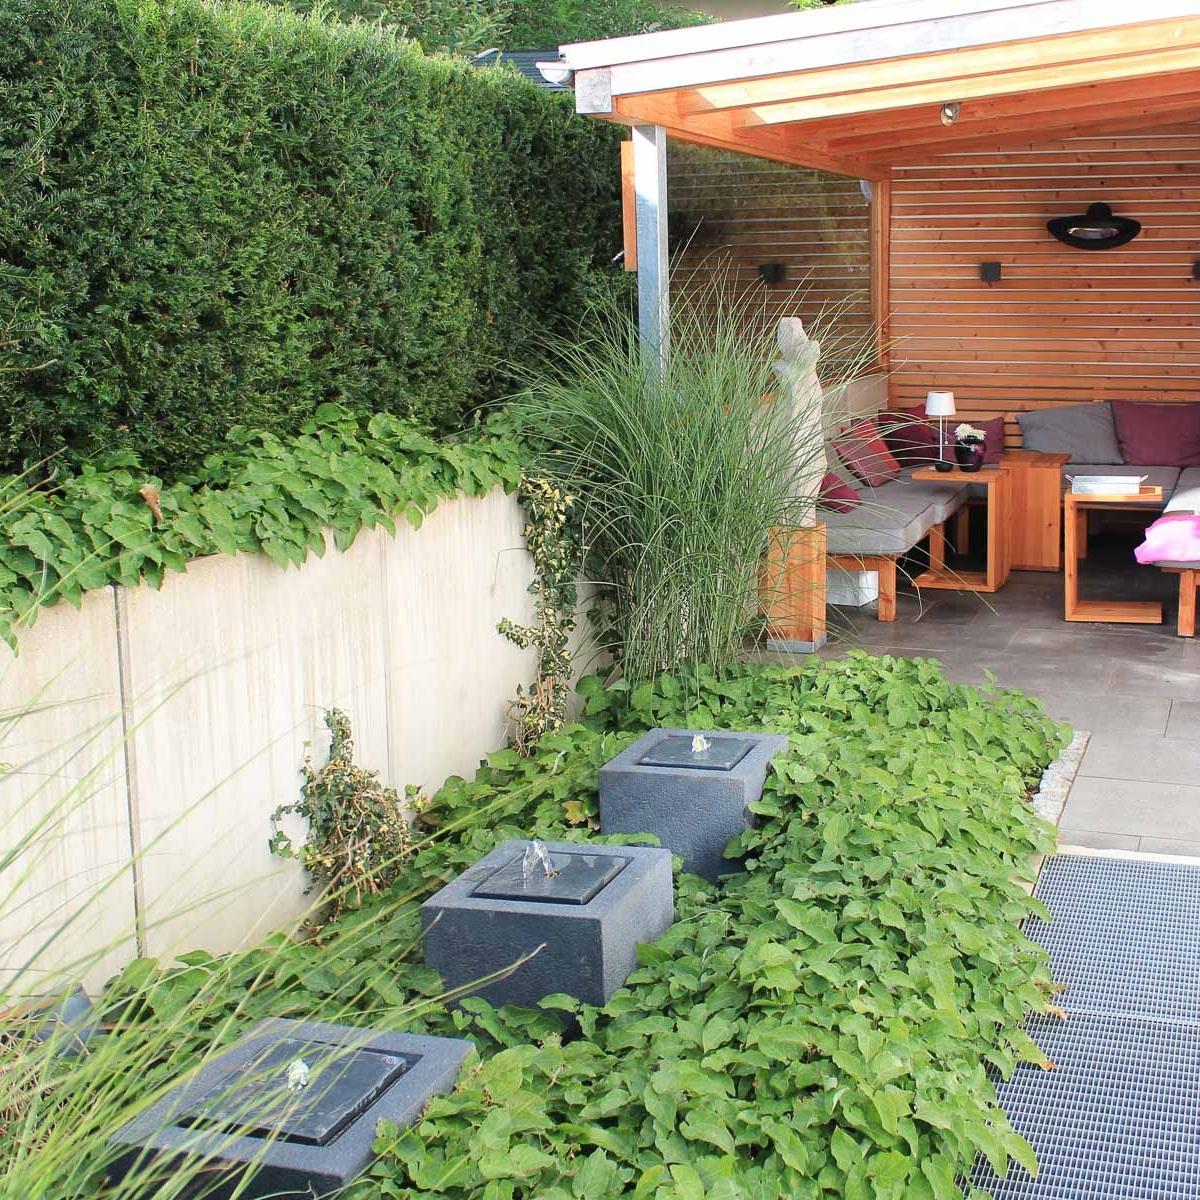 Überdachter Freisitz im Garten mit Lounge-Charakter